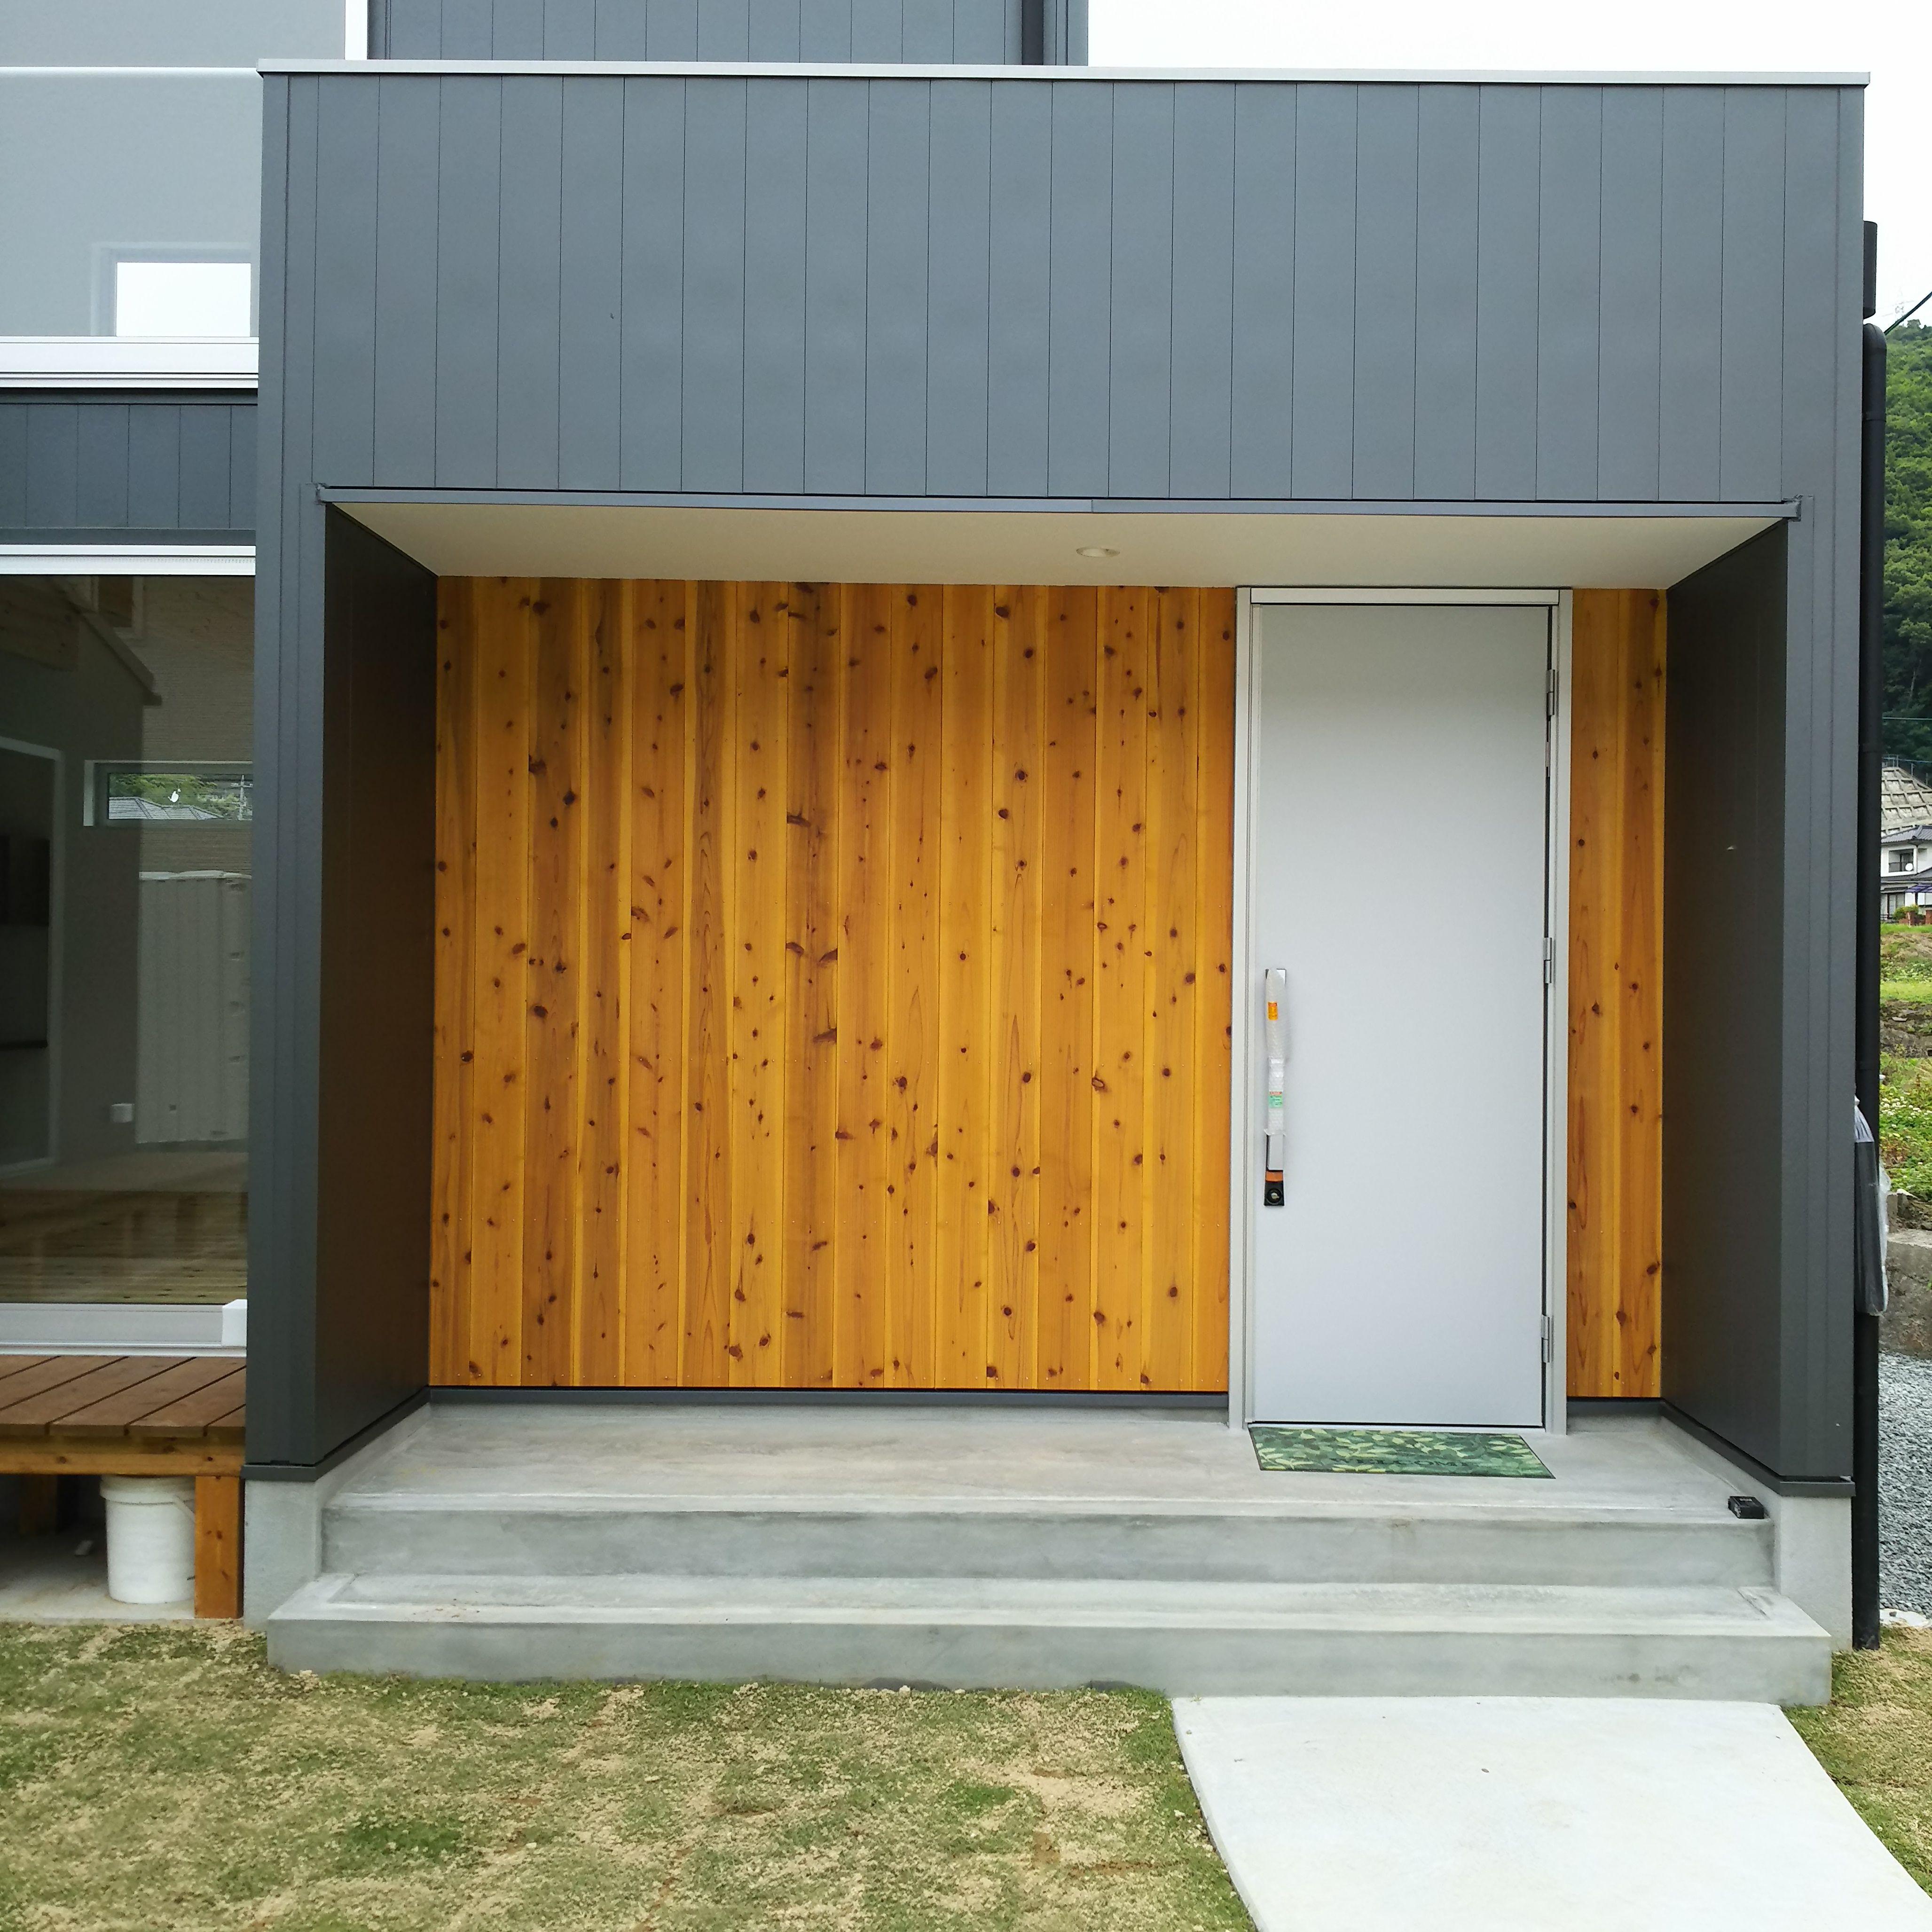 縁側と板張りの外壁が特徴的な片流れ屋根のお家 321house 広島県